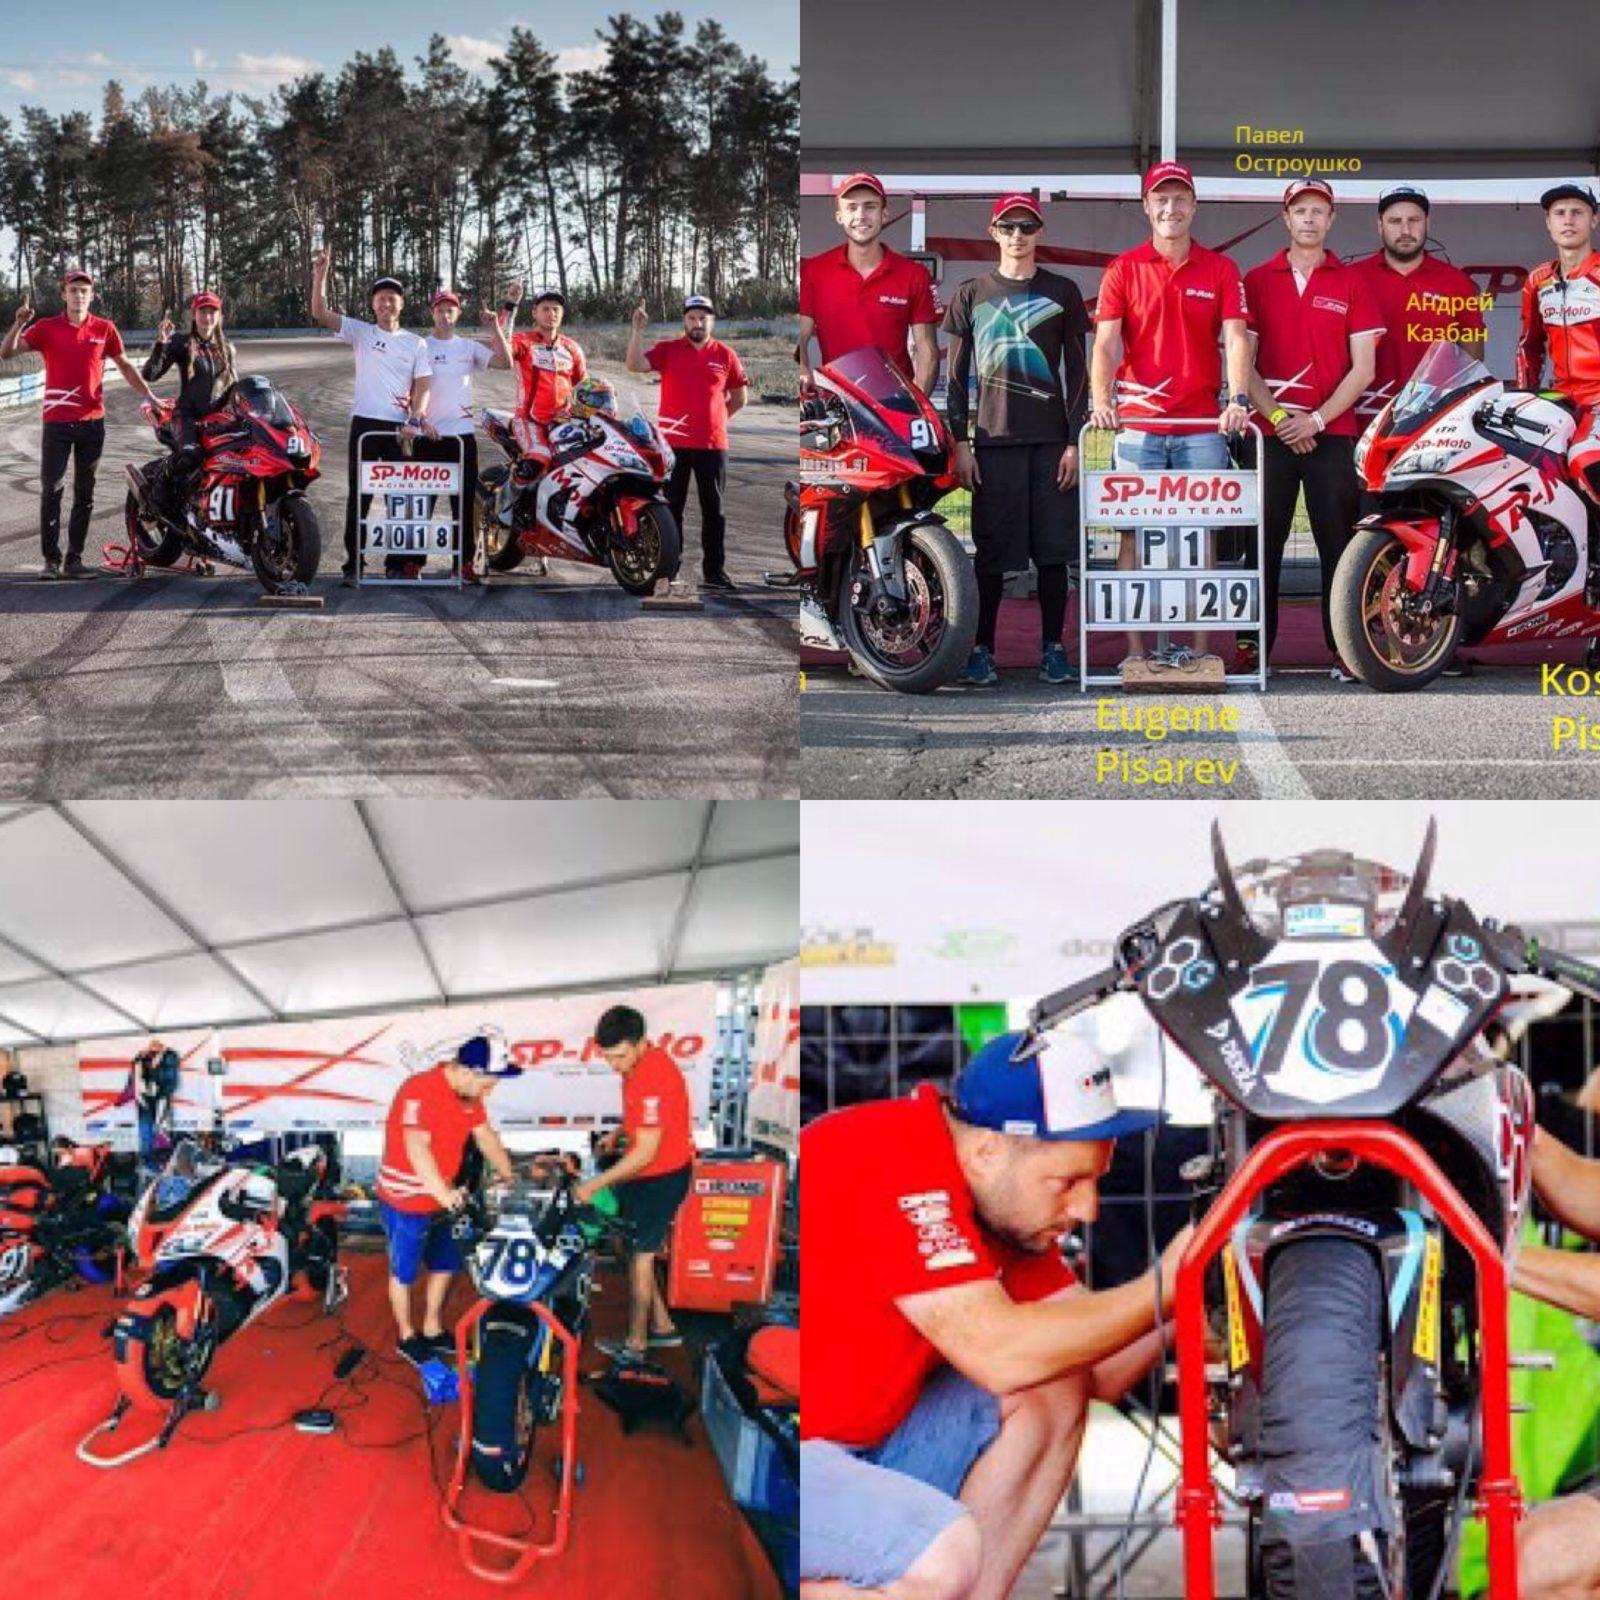 SP-Moto racing team: Победа в подарок....на 4-м этапе Чемпионата Украины!